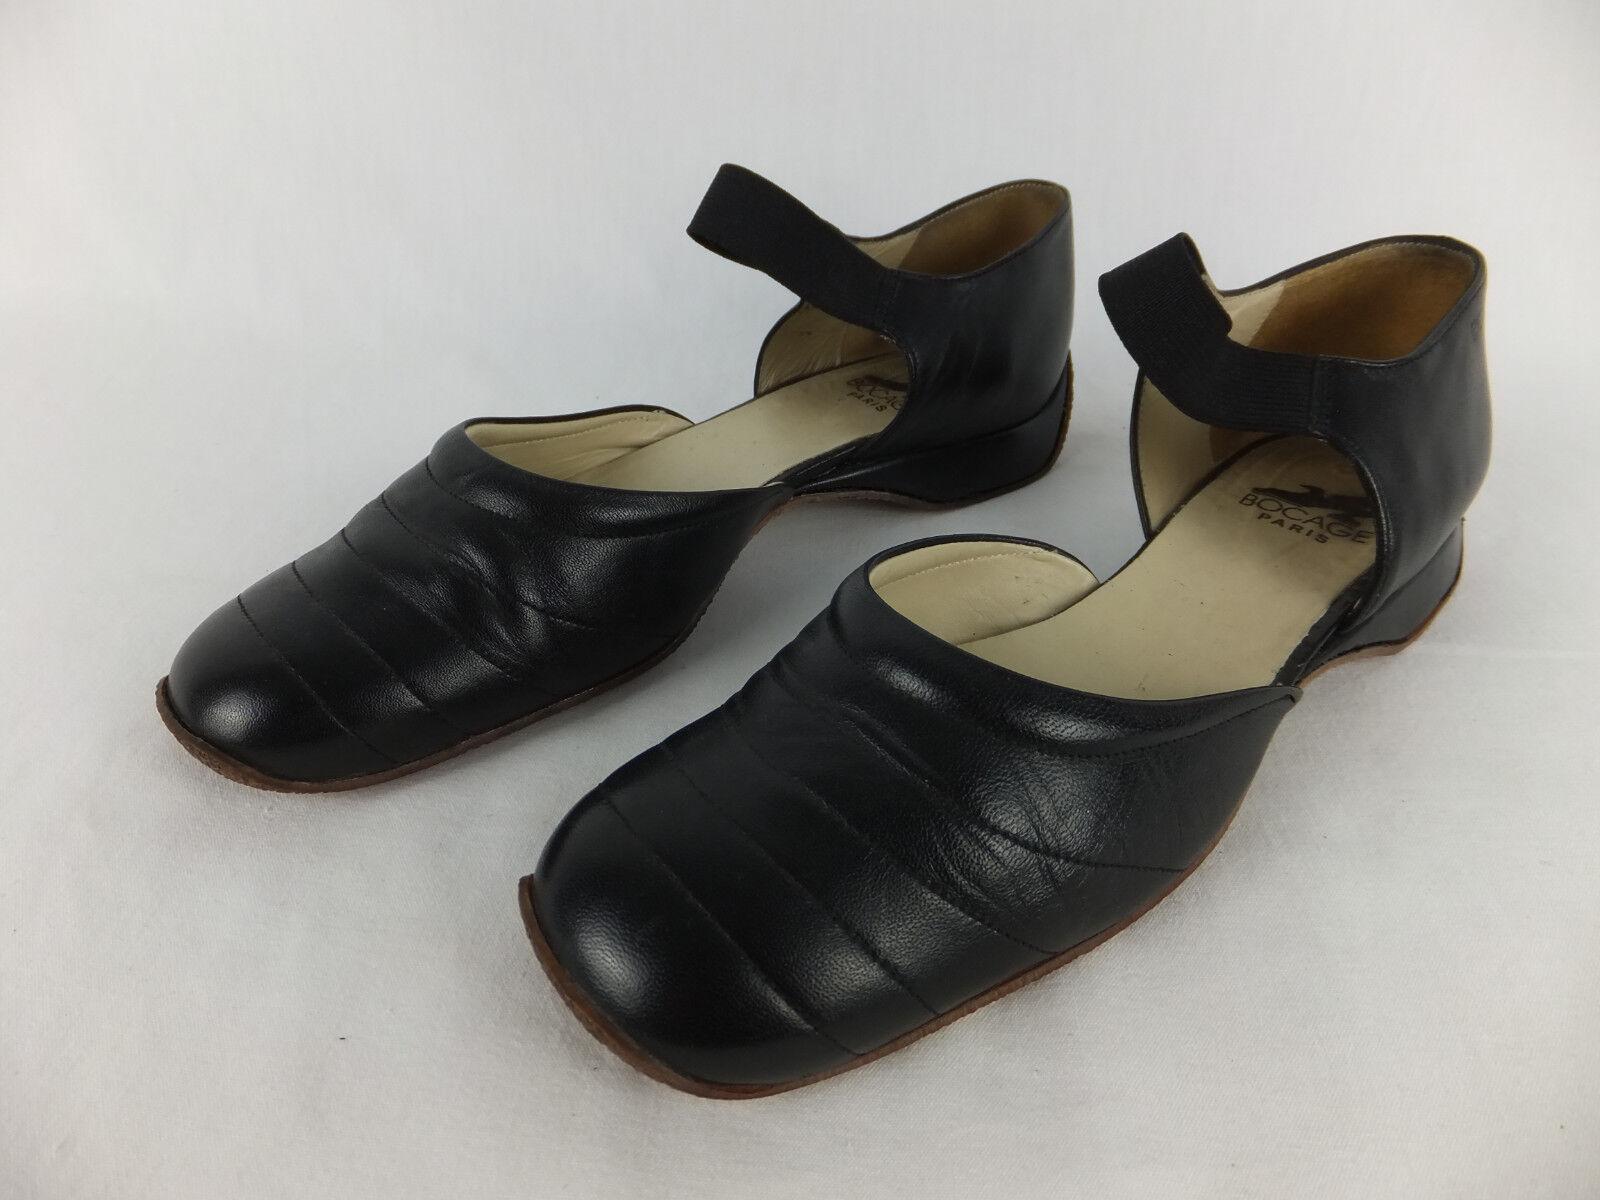 BOCAGE PARIS schwarz Luxus Schuhe 41 - schwarz PARIS - TOP Zustand - Halbschuhe - Sommerschuhe 6f3ede